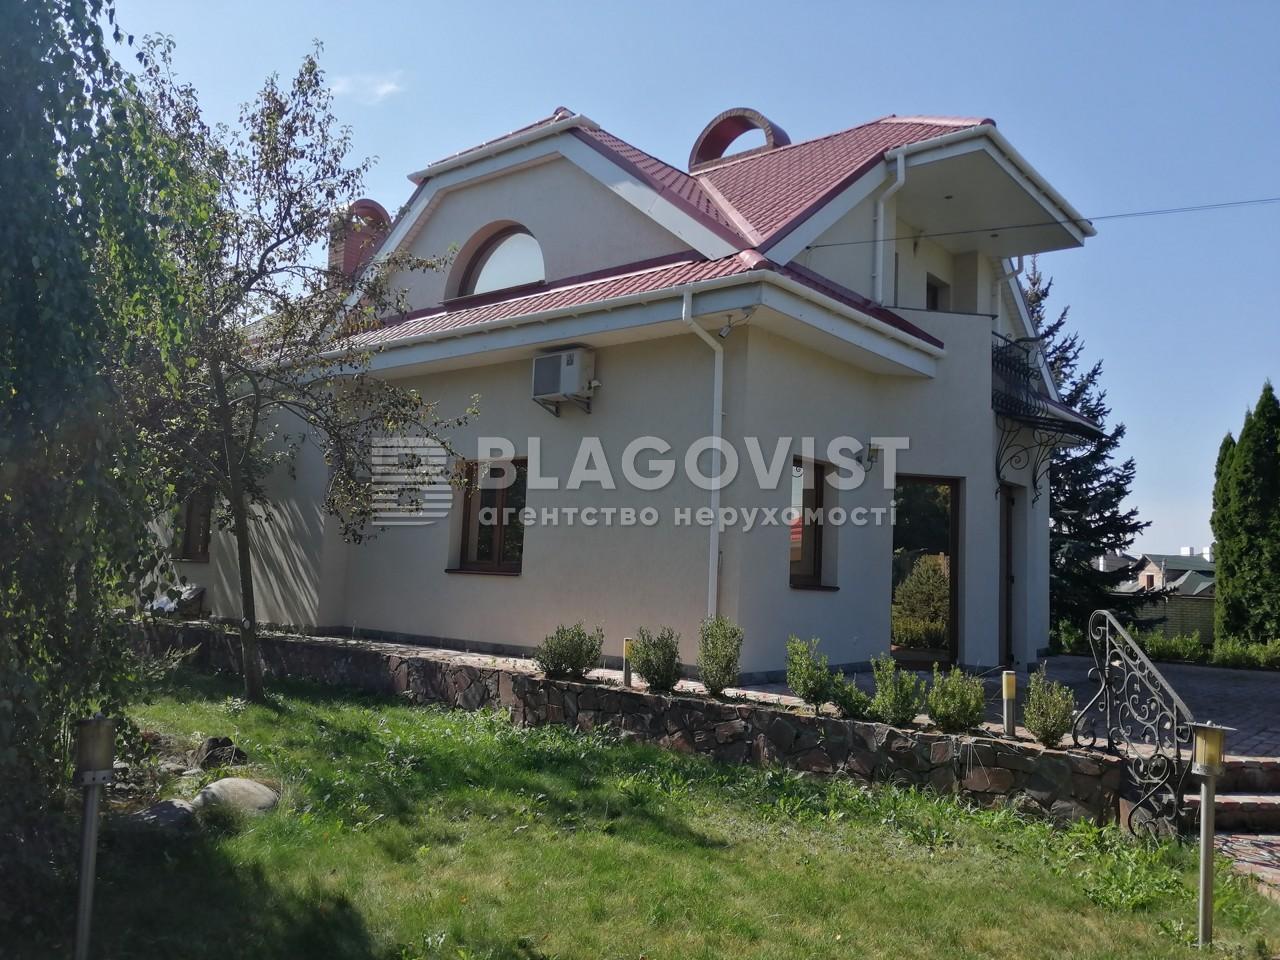 Будинок A-111559, Чорнобильська, Білогородка - Фото 5